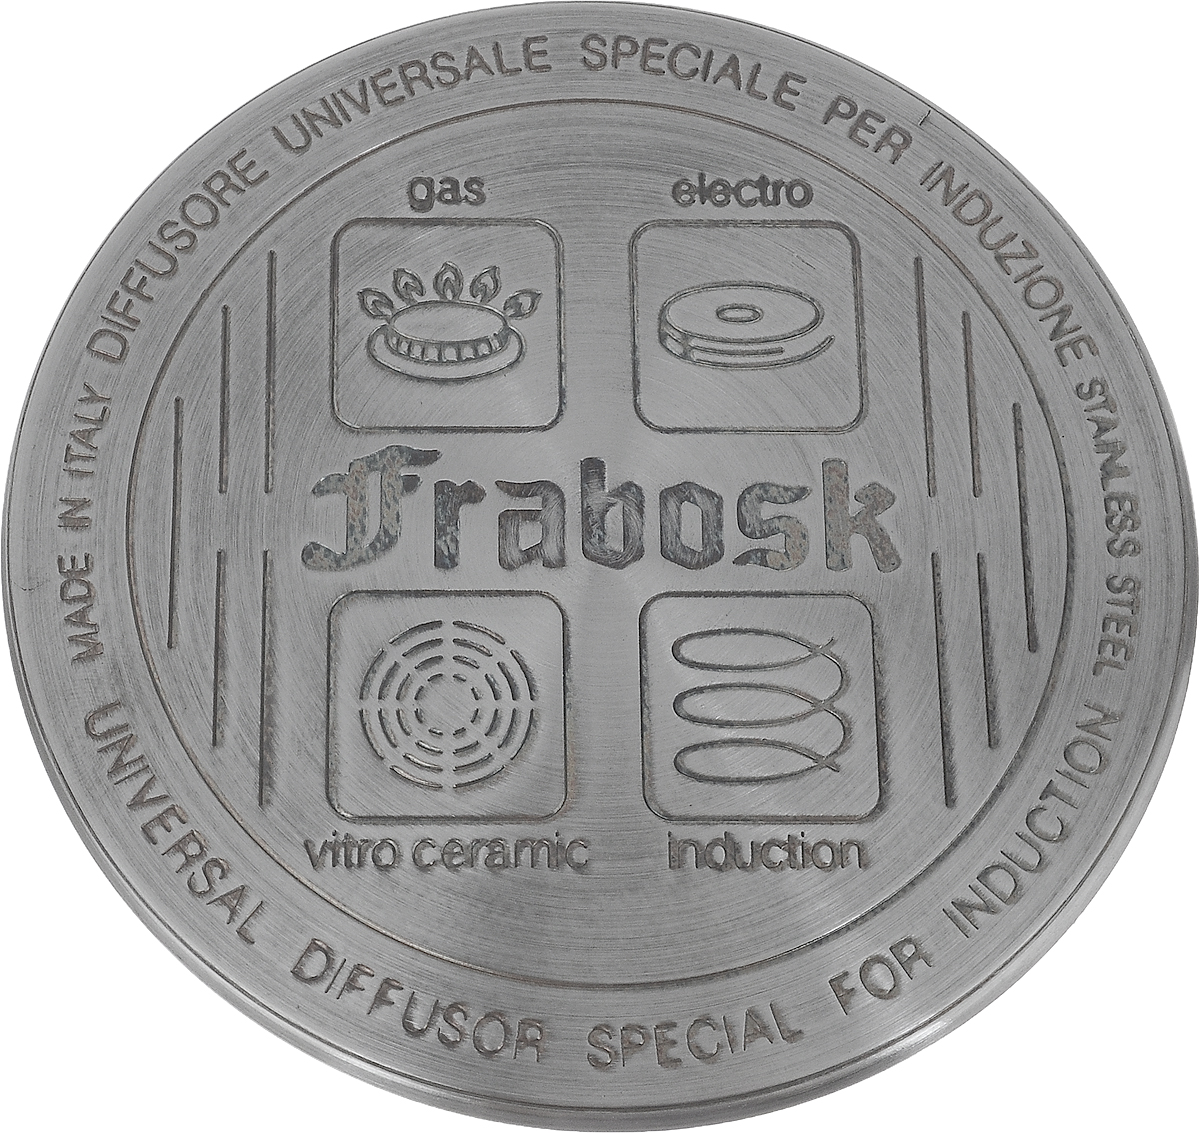 Диск для индукционных плит  Frabosk , диаметр 12 см - Посуда для приготовления